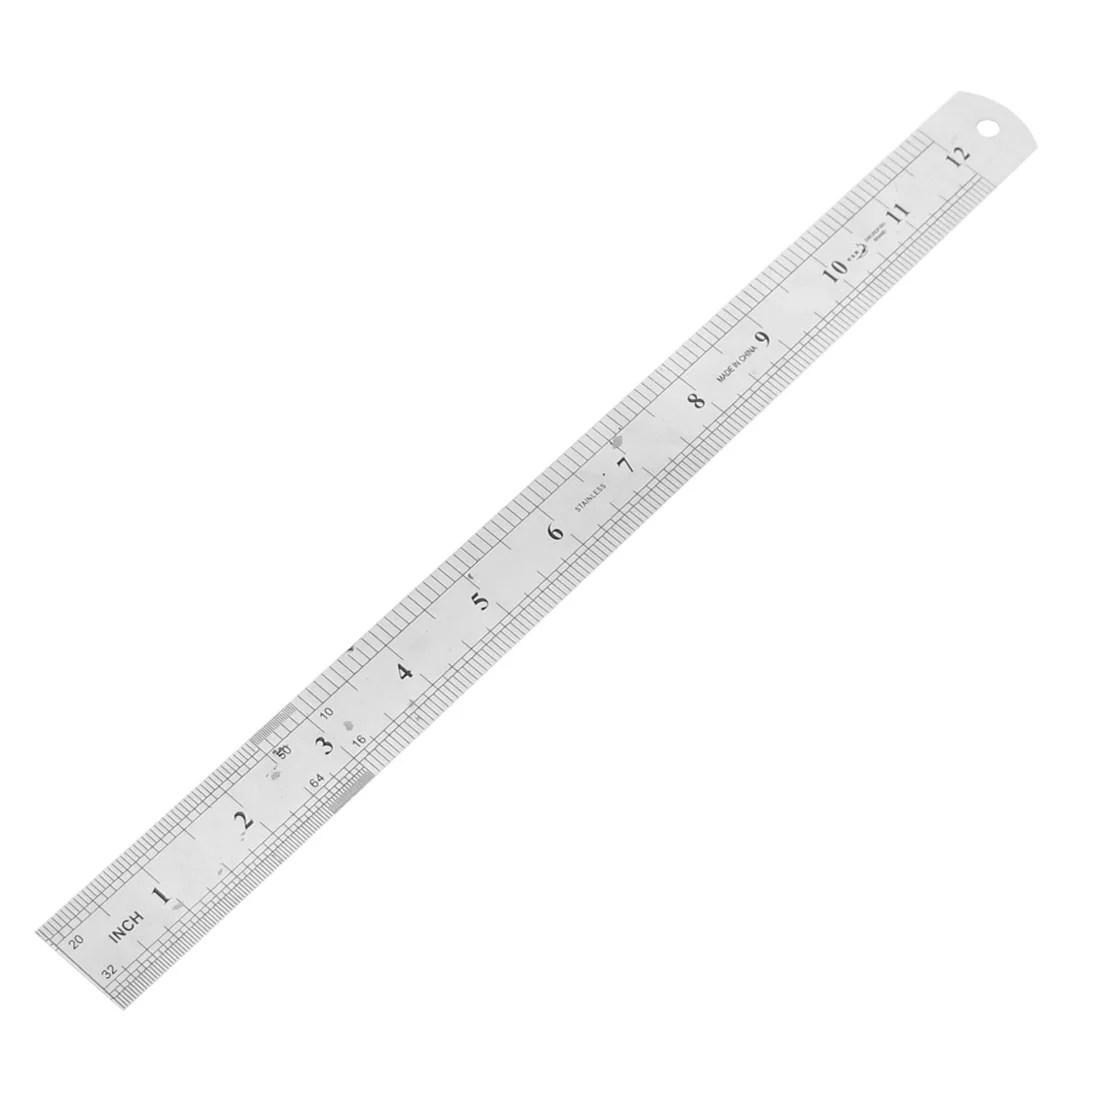 Office 30cm 12 Inch Measuring Range Straight Ruler